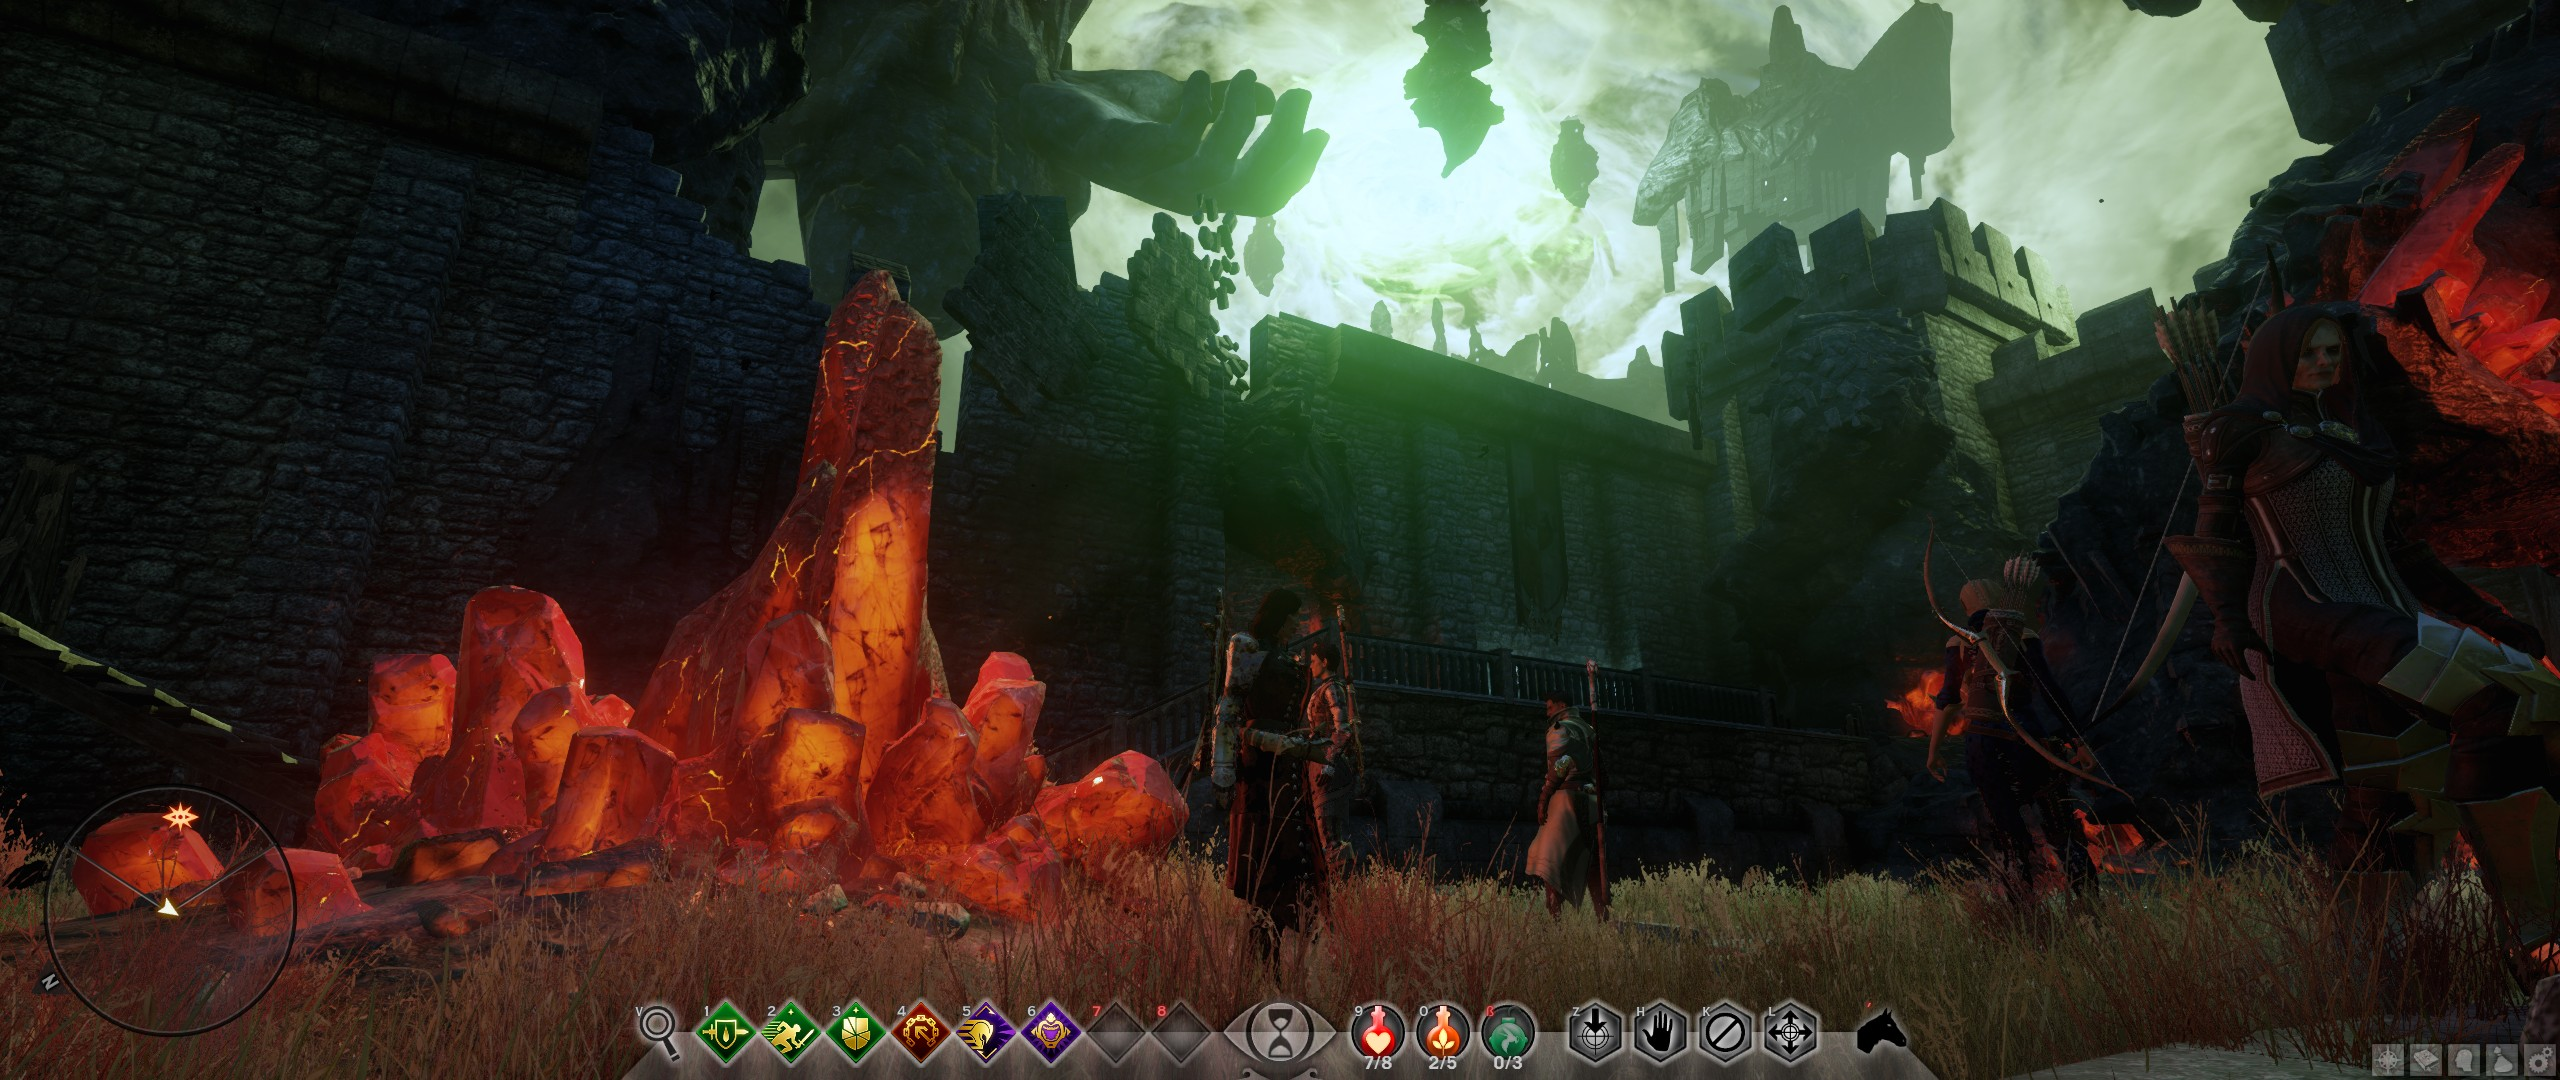 ScreenshotWin32_0062_Final